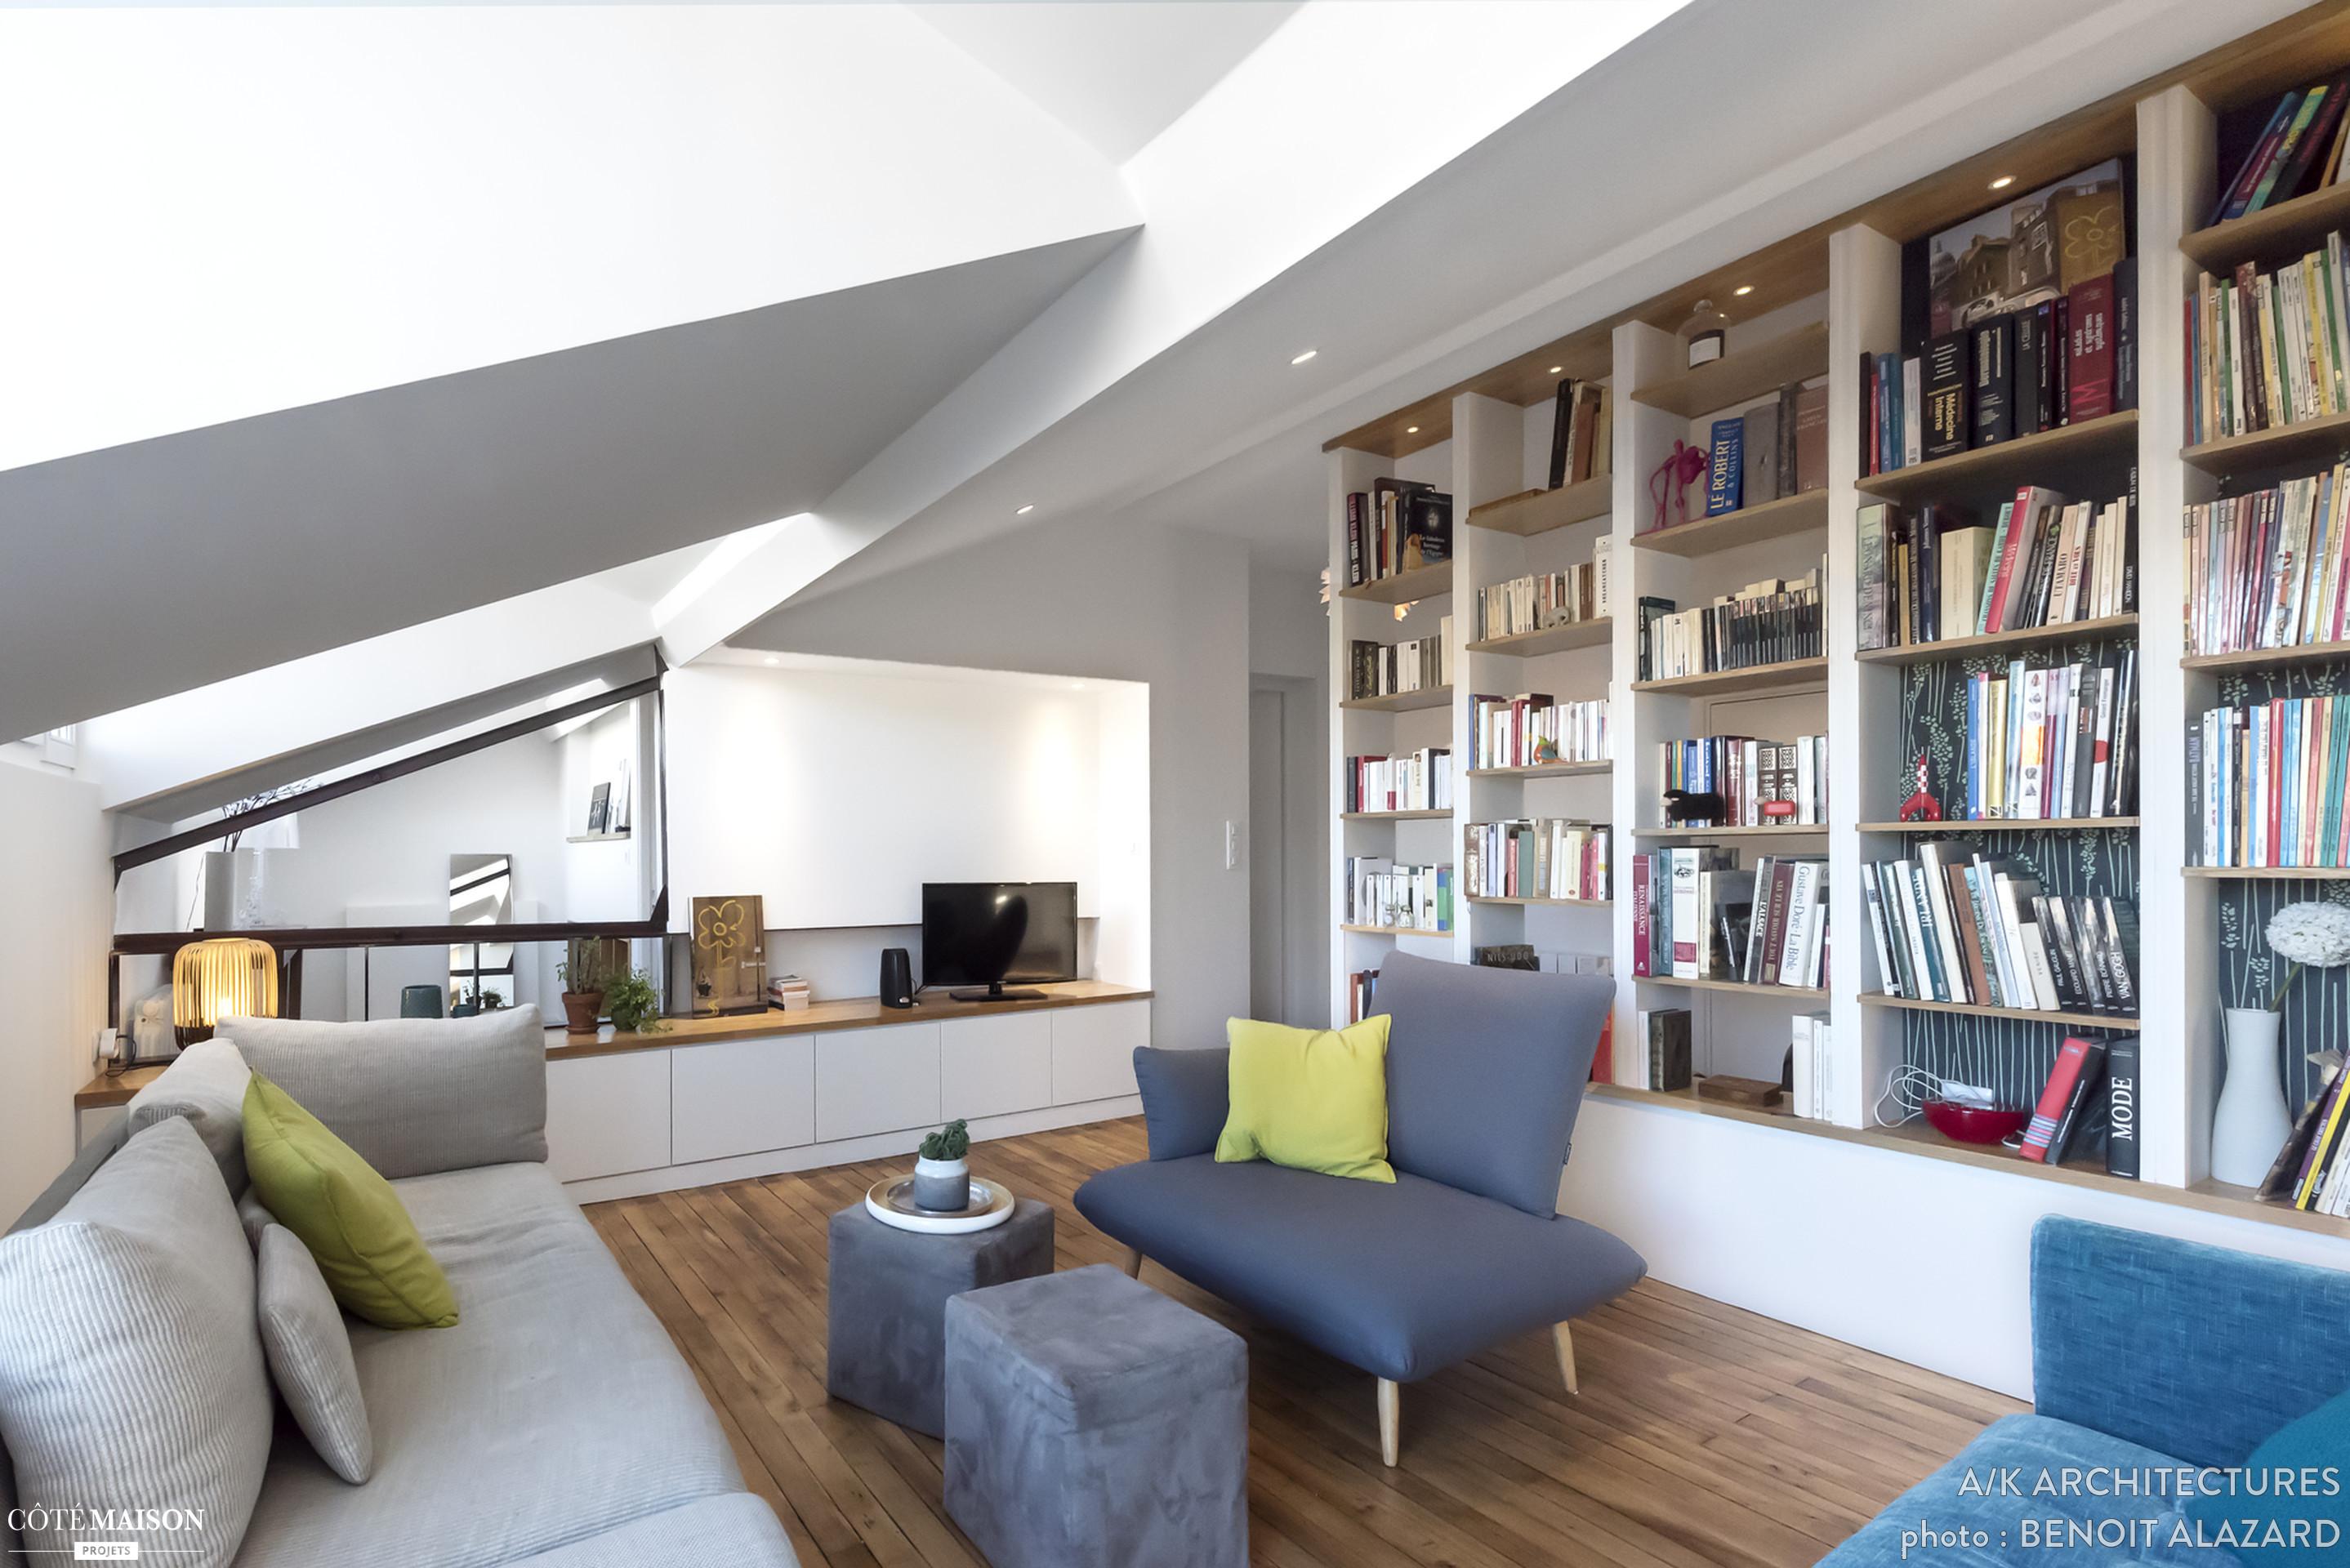 Soggiorni Moderni Tre Stelle : Soggiorni moderni trova l ispirazione per il tuo soggiorno